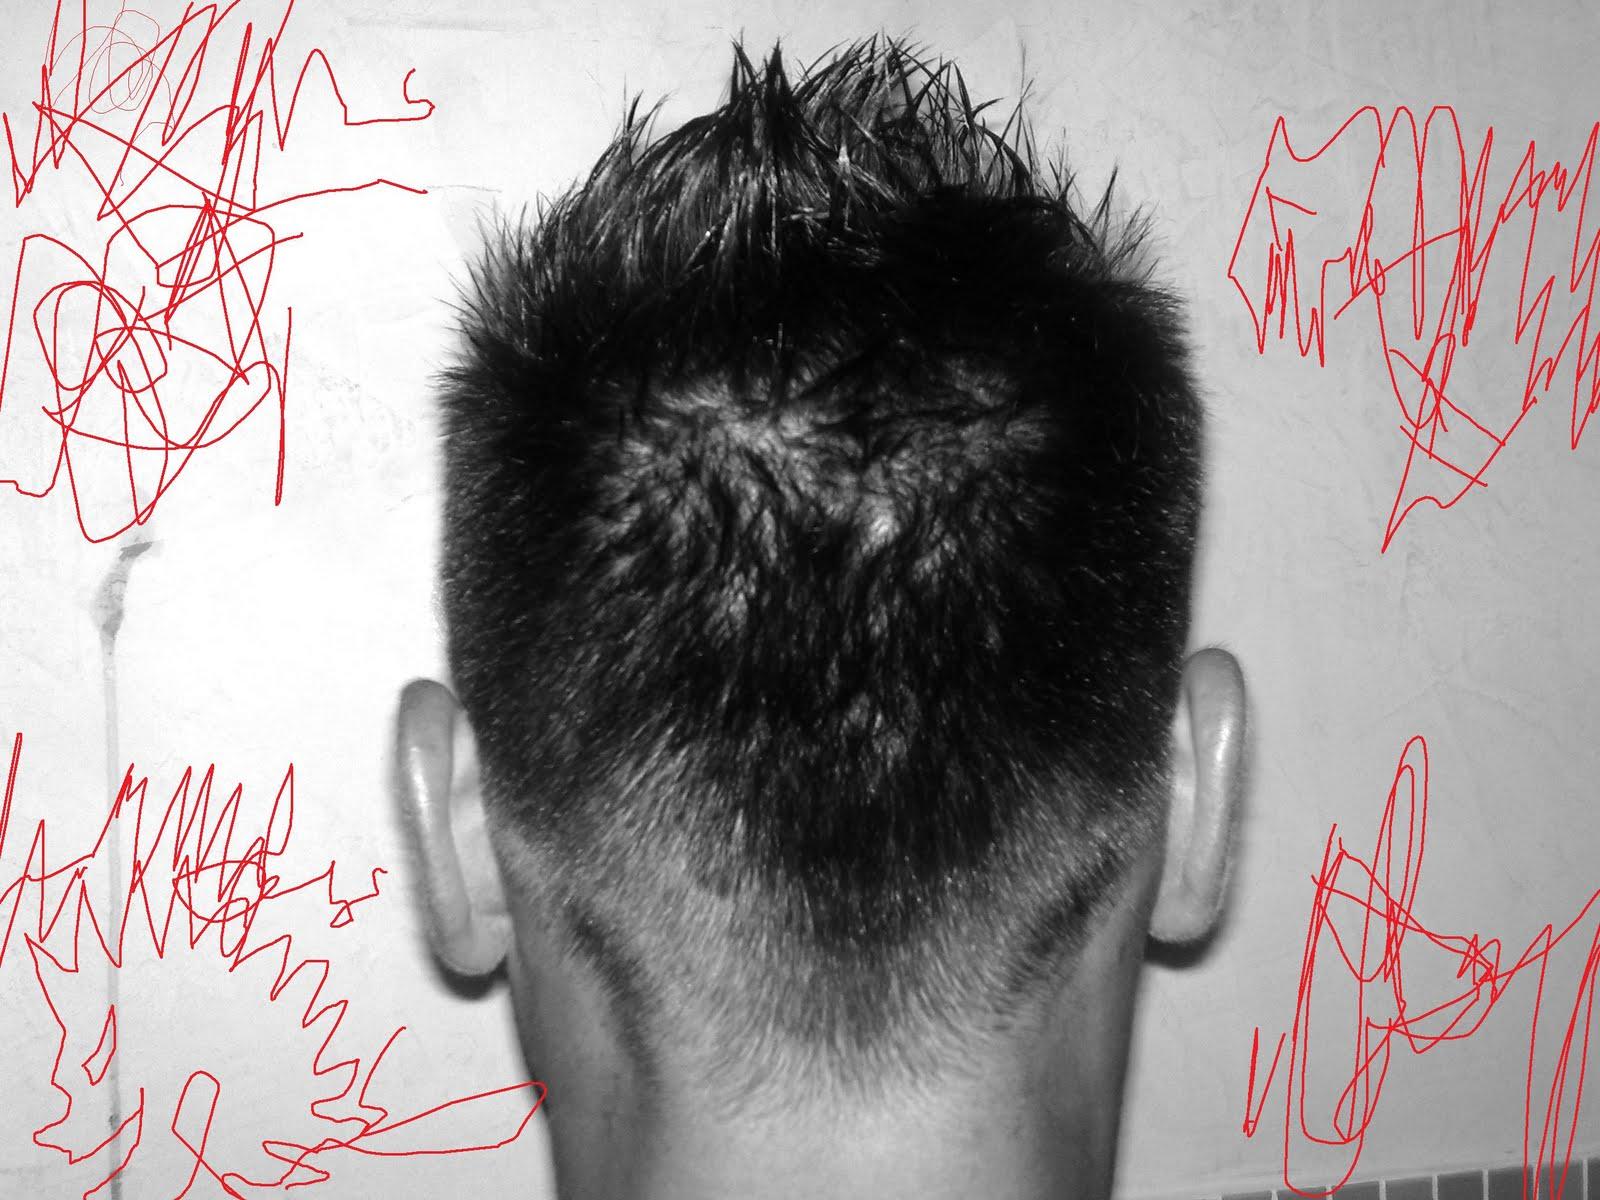 Tagli di capelli uomo dietro